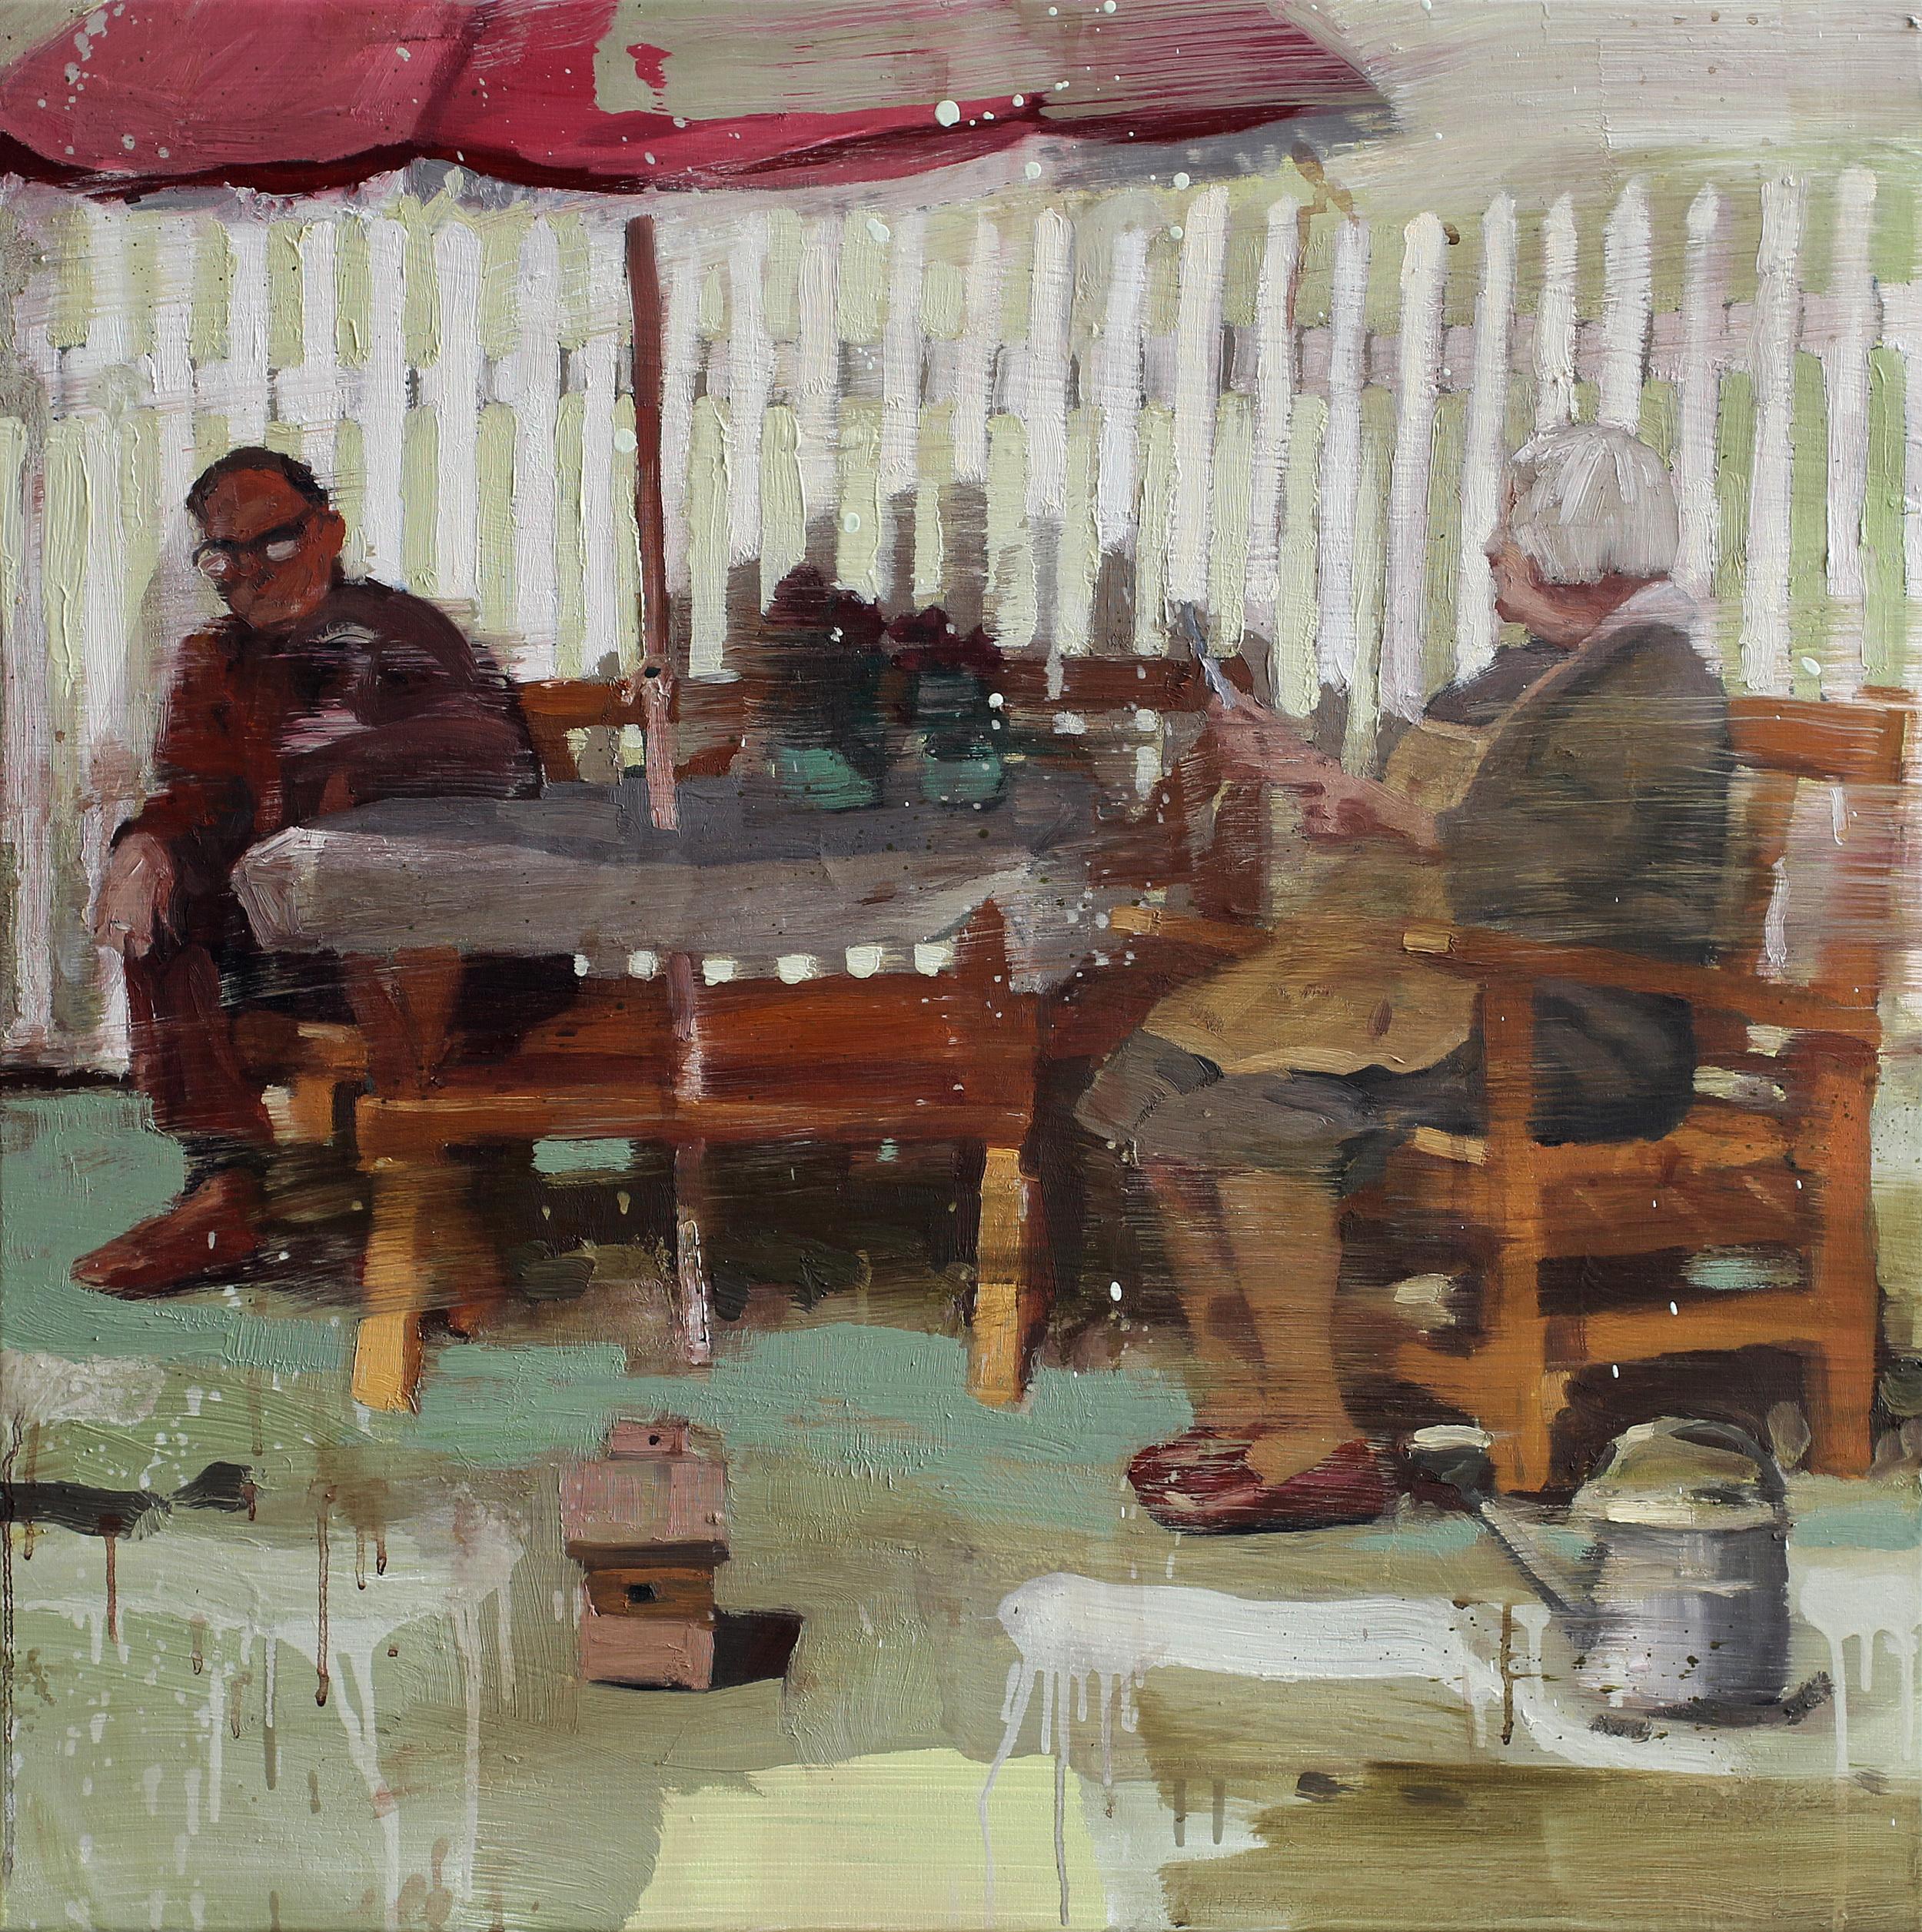 Anne og Lallen | 80x80 cm | Eggolje på lerret | Privat eie